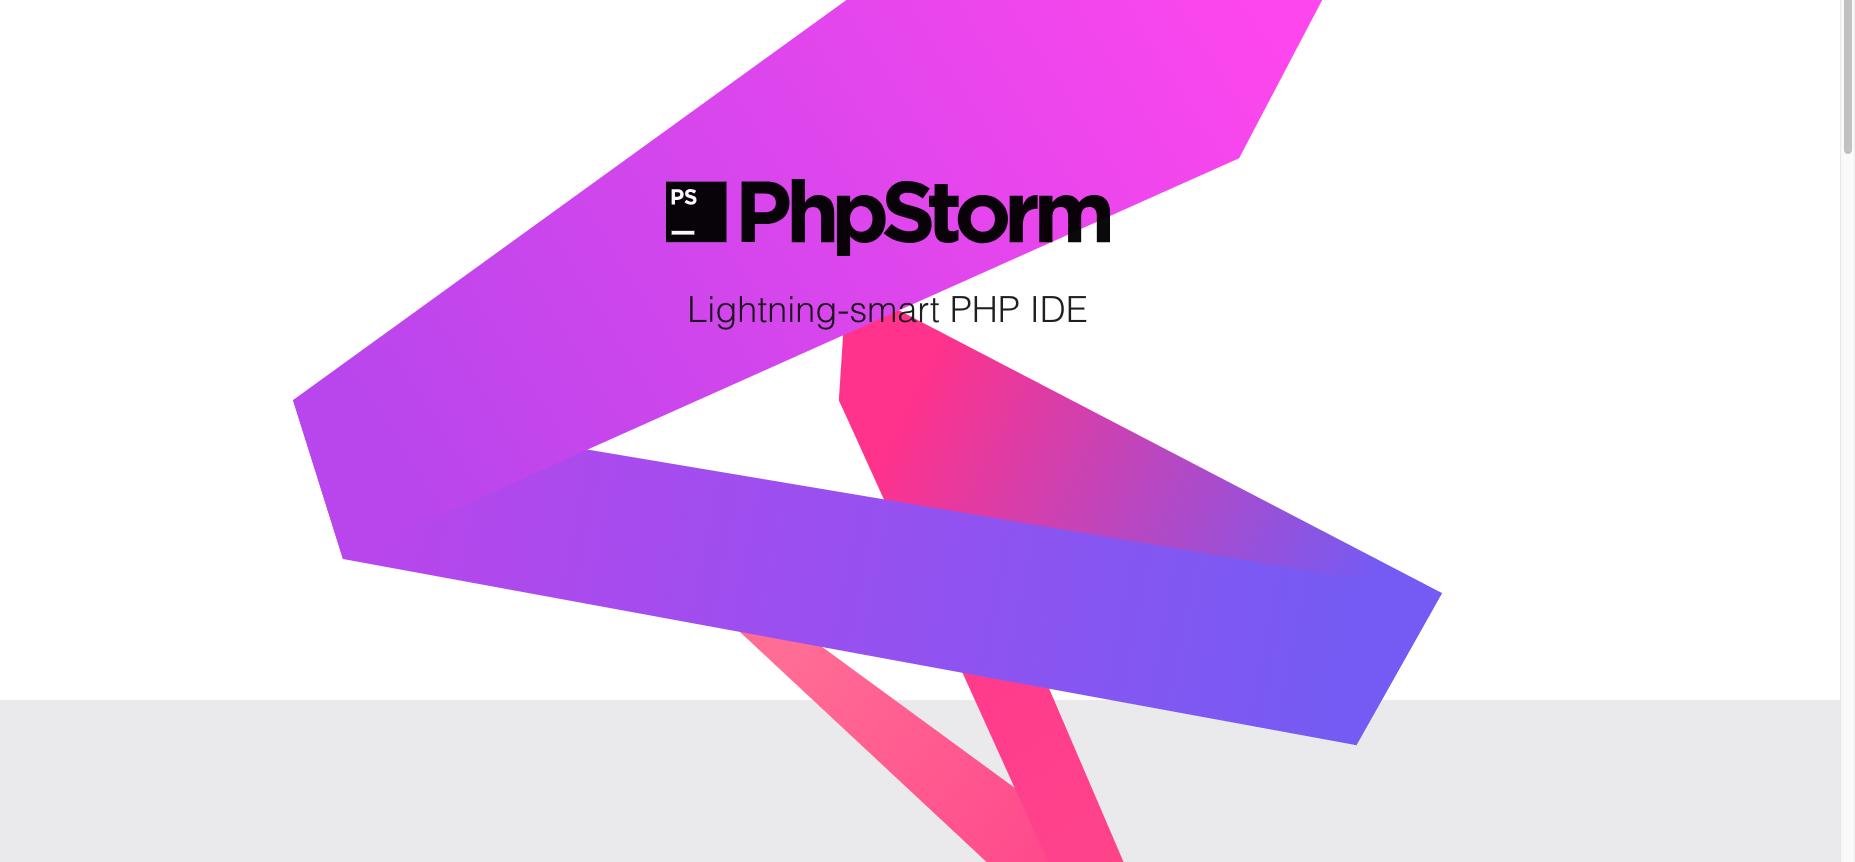 2018.2.2最新PhpStorm mac 版本中国区